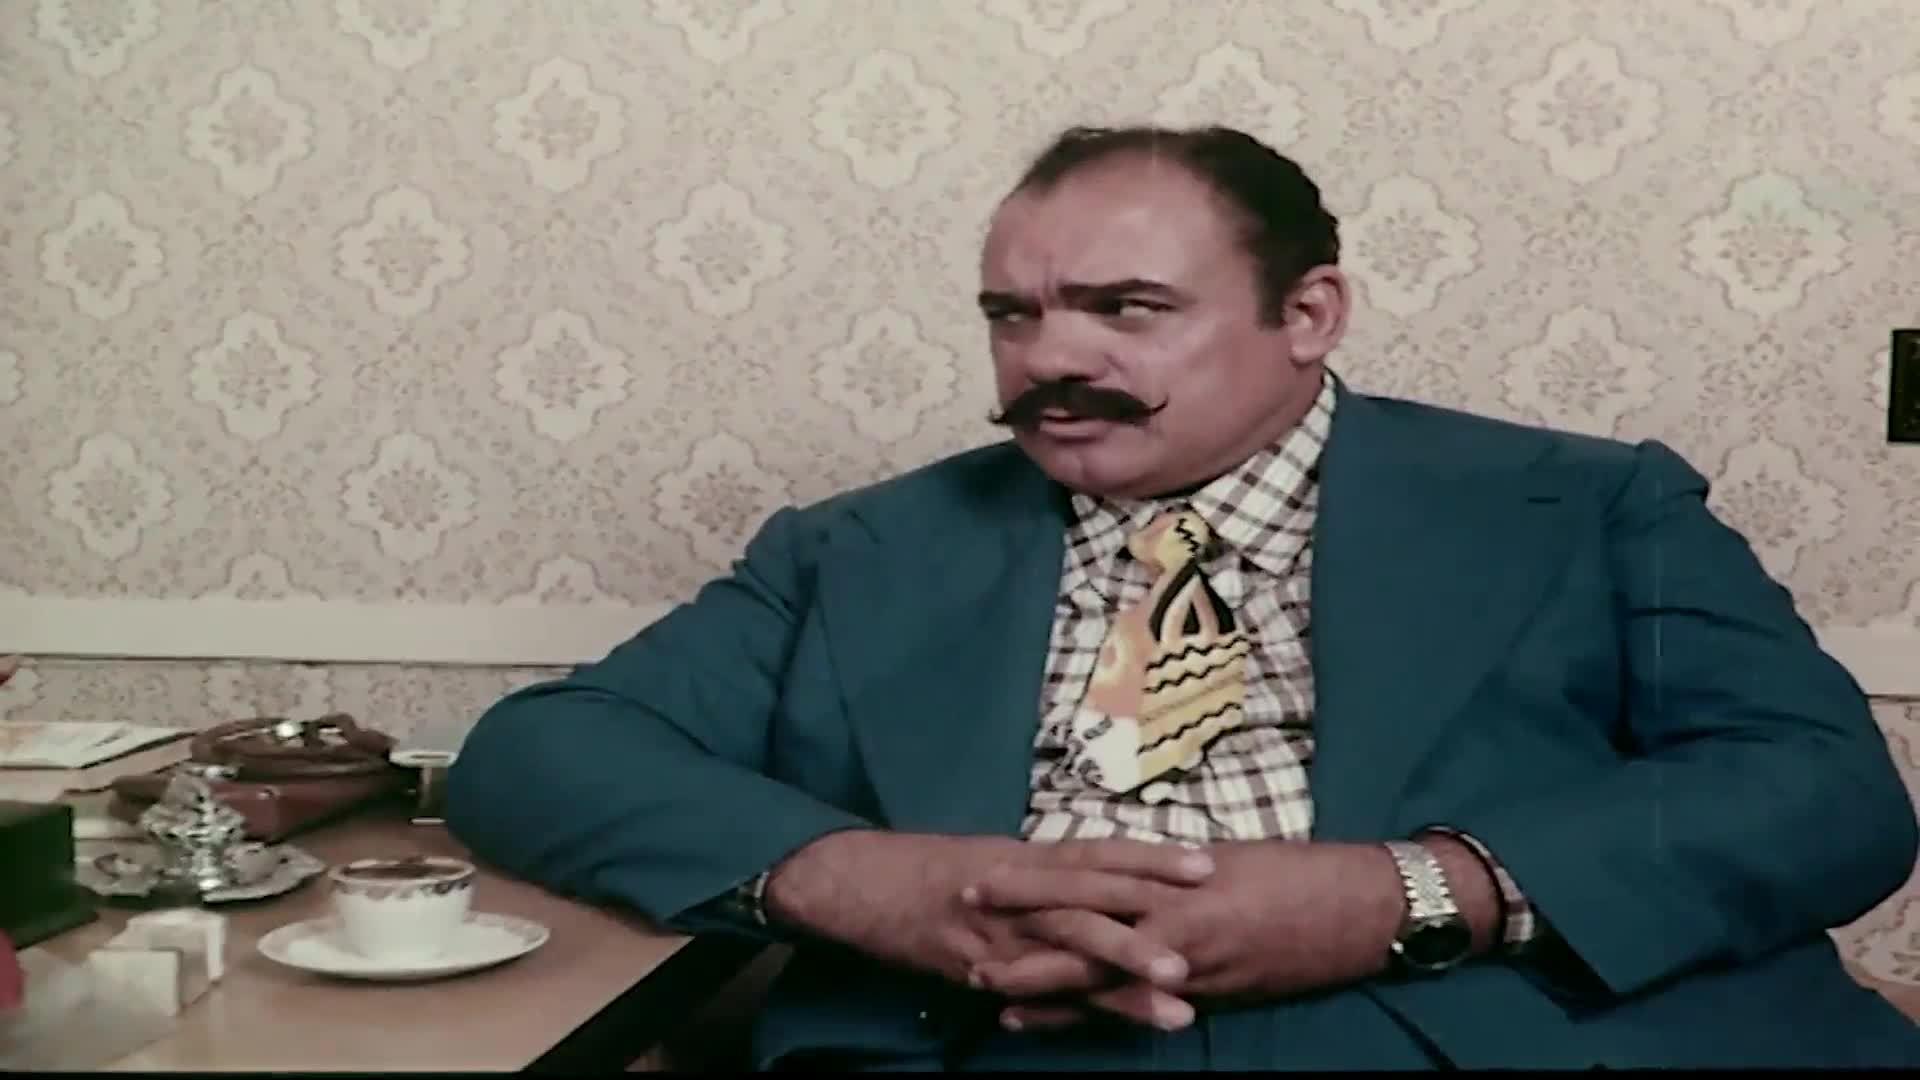 [فيلم][تورنت][تحميل][الجبان والحب][1975][1080p][Web-DL] 13 arabp2p.com